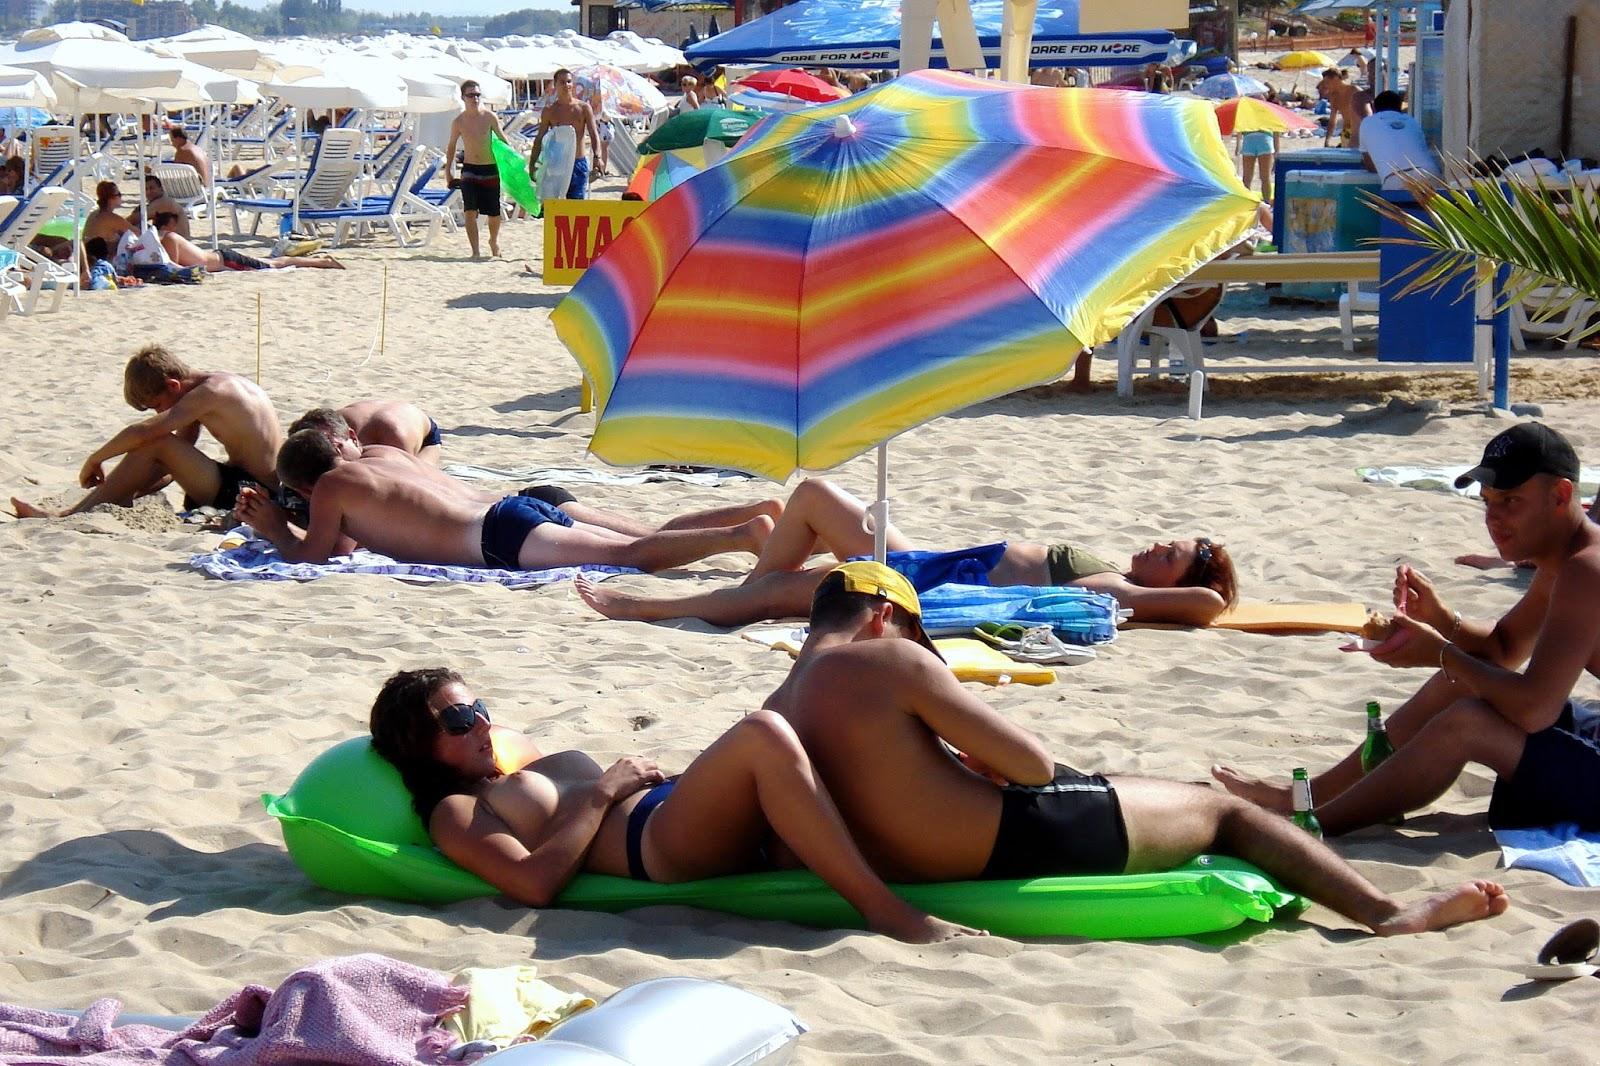 Секс на пляже на нудийском на русском, Нудисты Порно, смотреть видео Секс на Нудистком 13 фотография